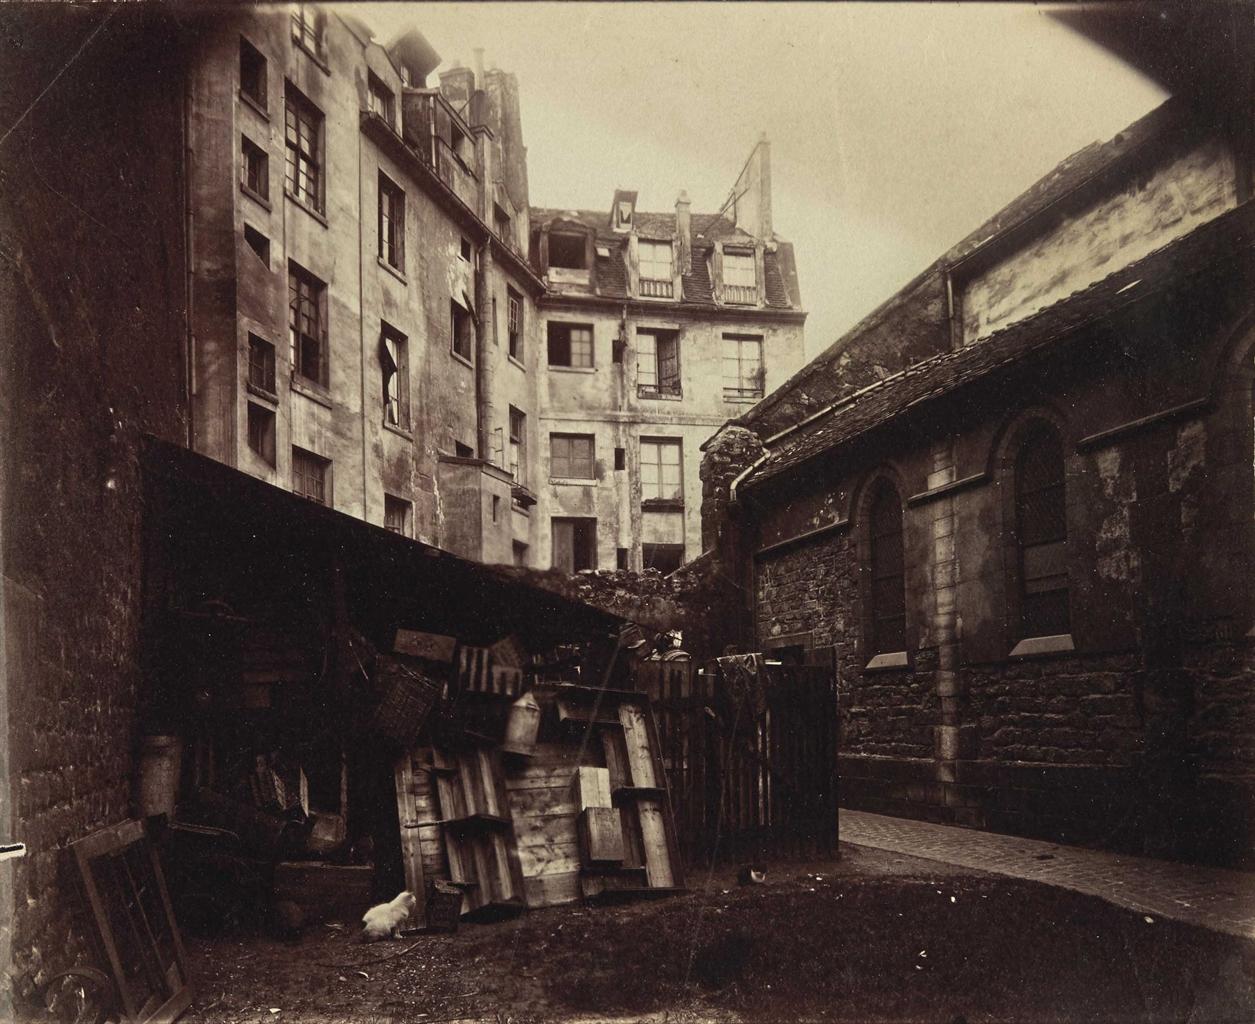 Eugene Atget-Un coin de la cour, St Julien le Pauvre, Paris-1900